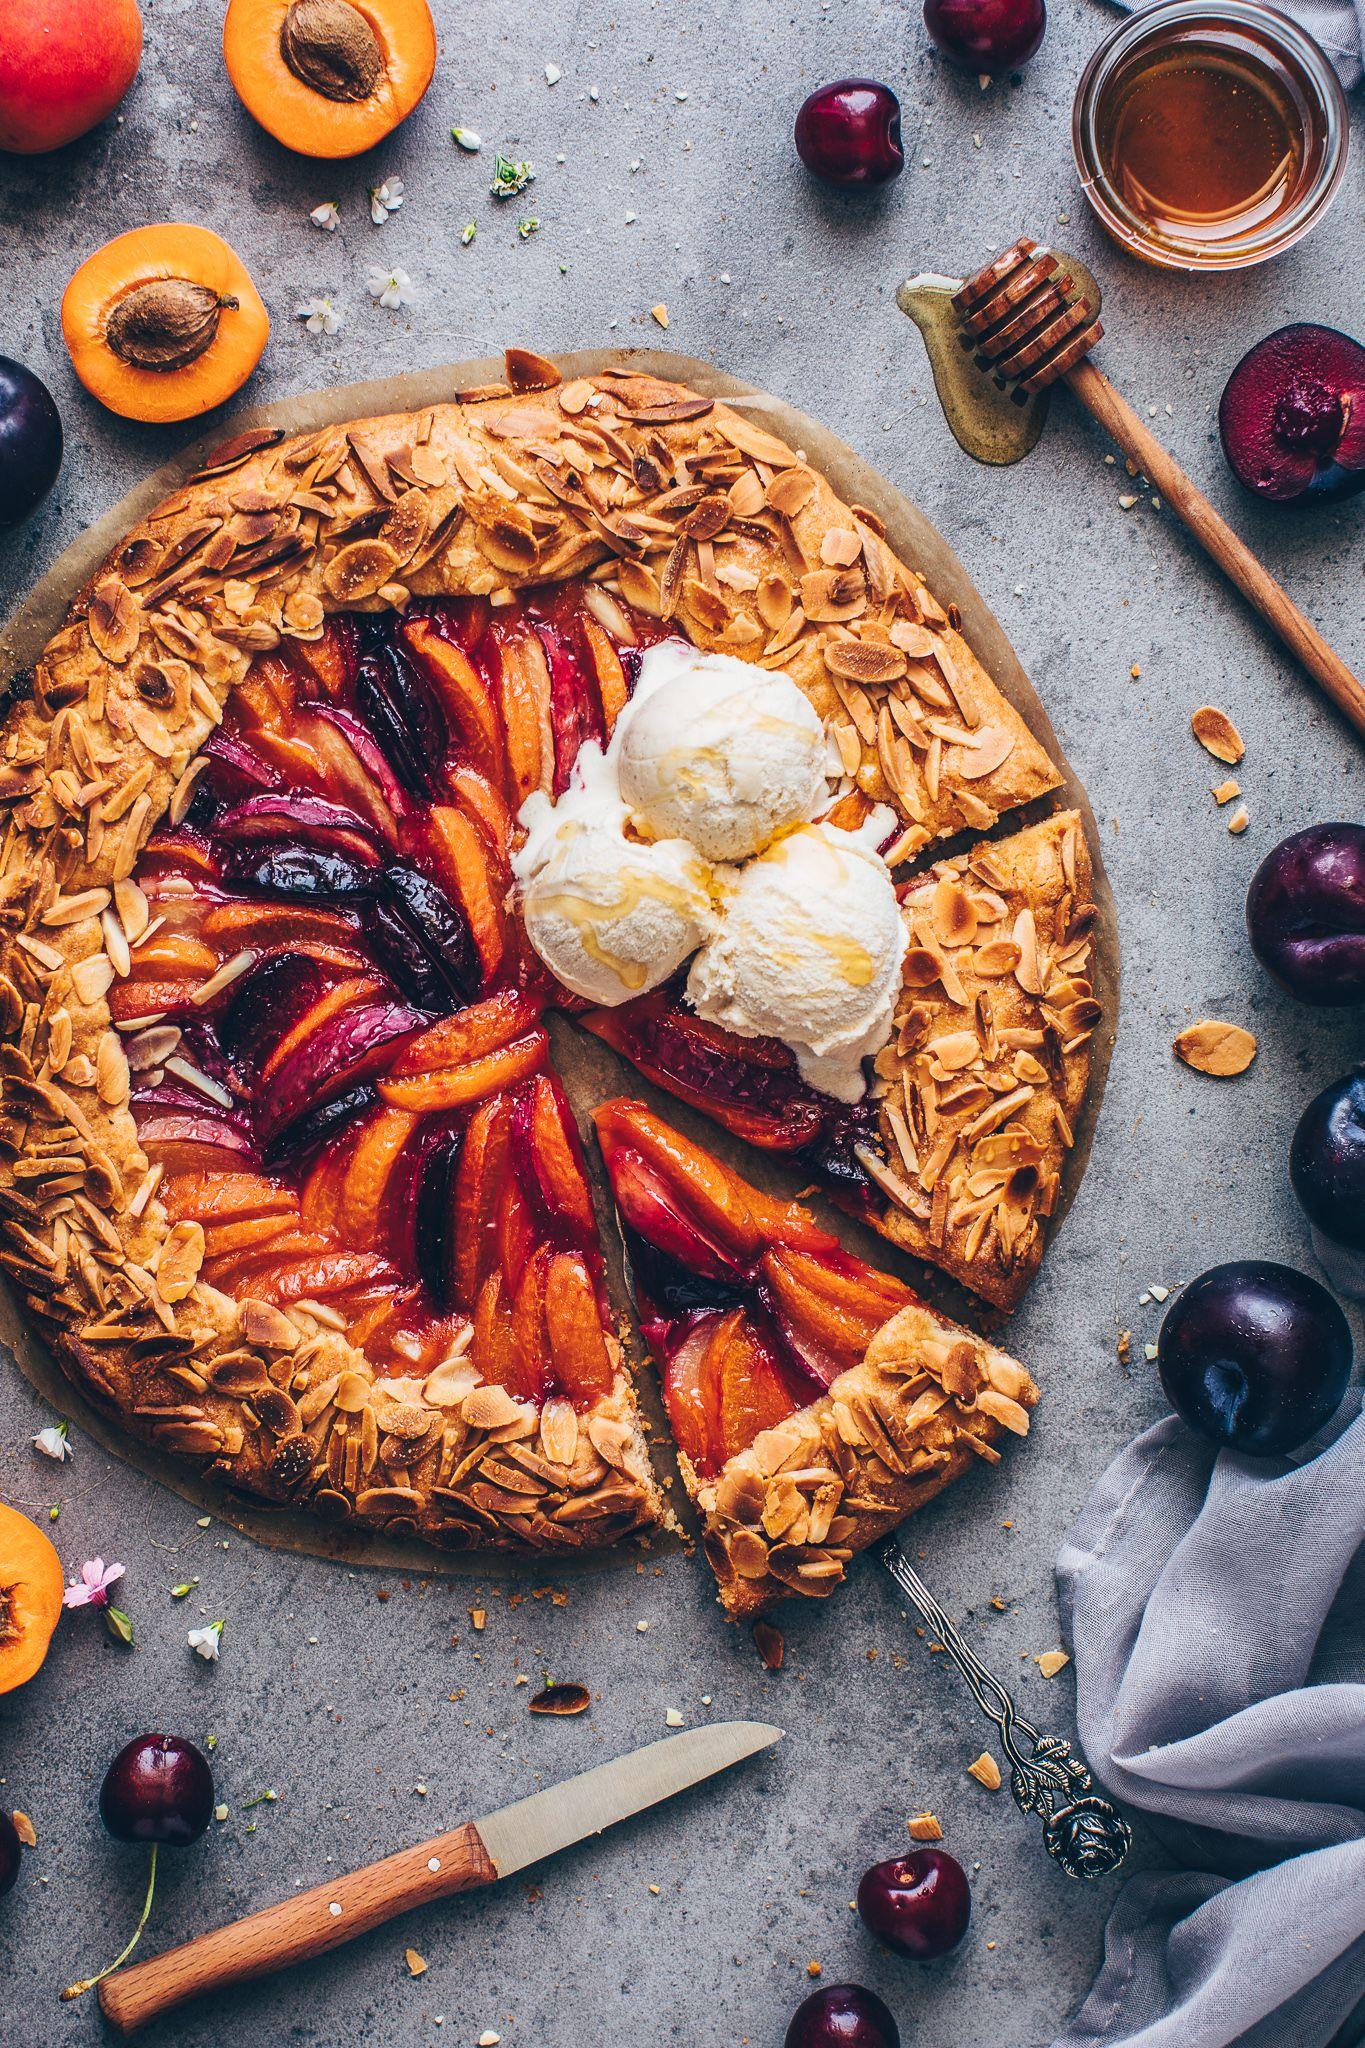 Obst Galette - Einfache Früchte Tarte | Vegan - Bianca Zapatka | Rezepte